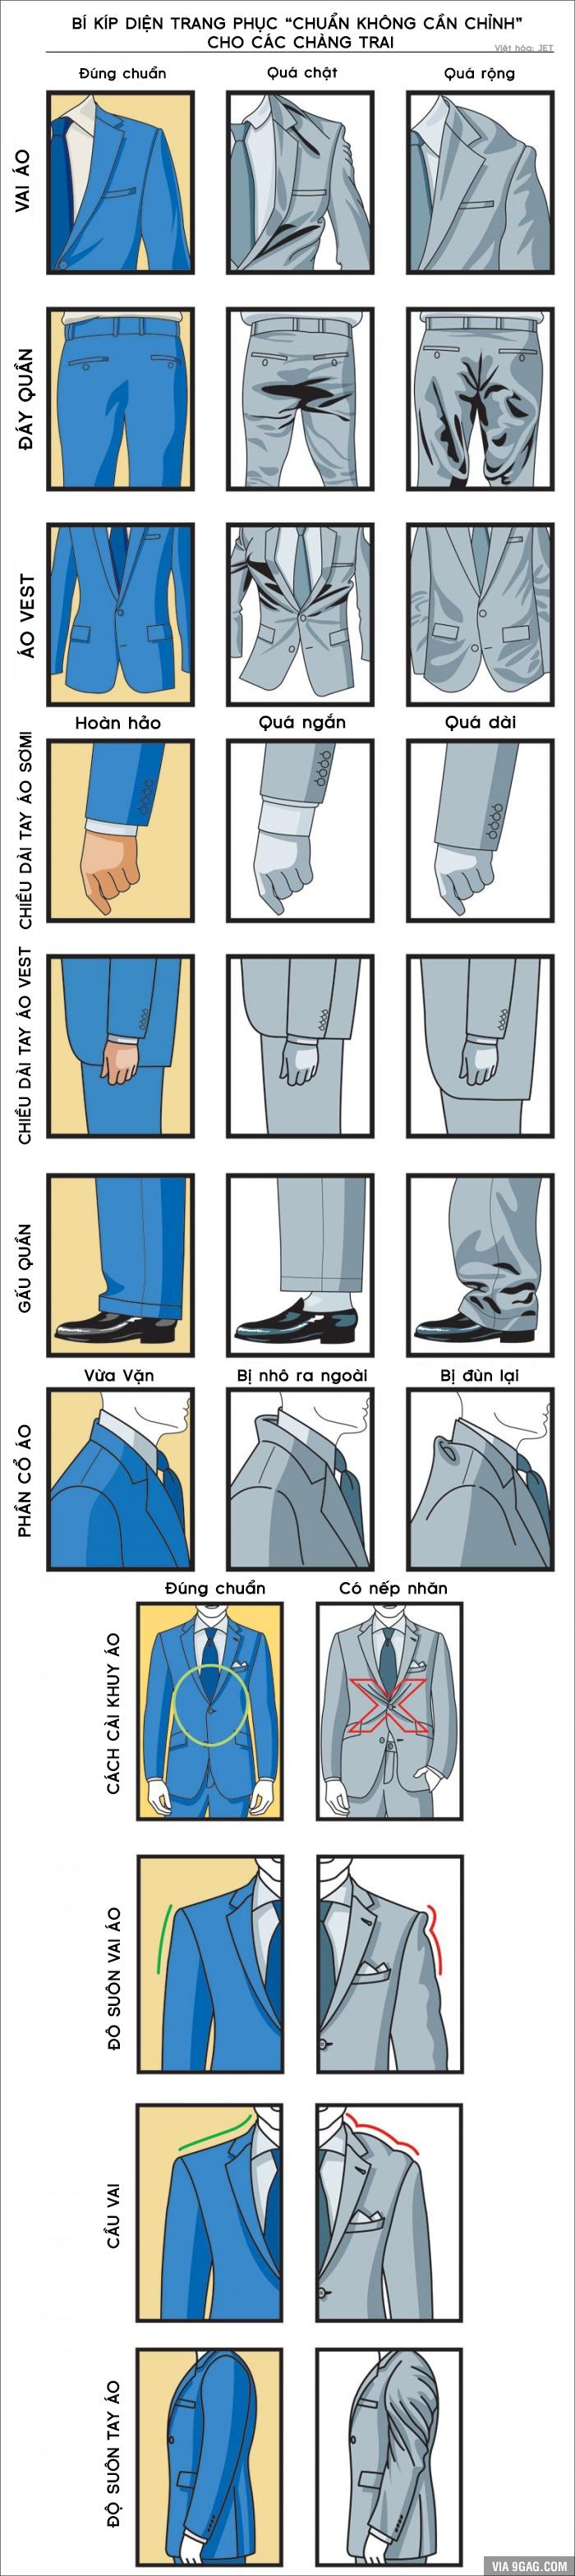 [Bạn biết chưa] Bí kíp giúp các chàng diện trang phục chuẩn không cần chỉnh